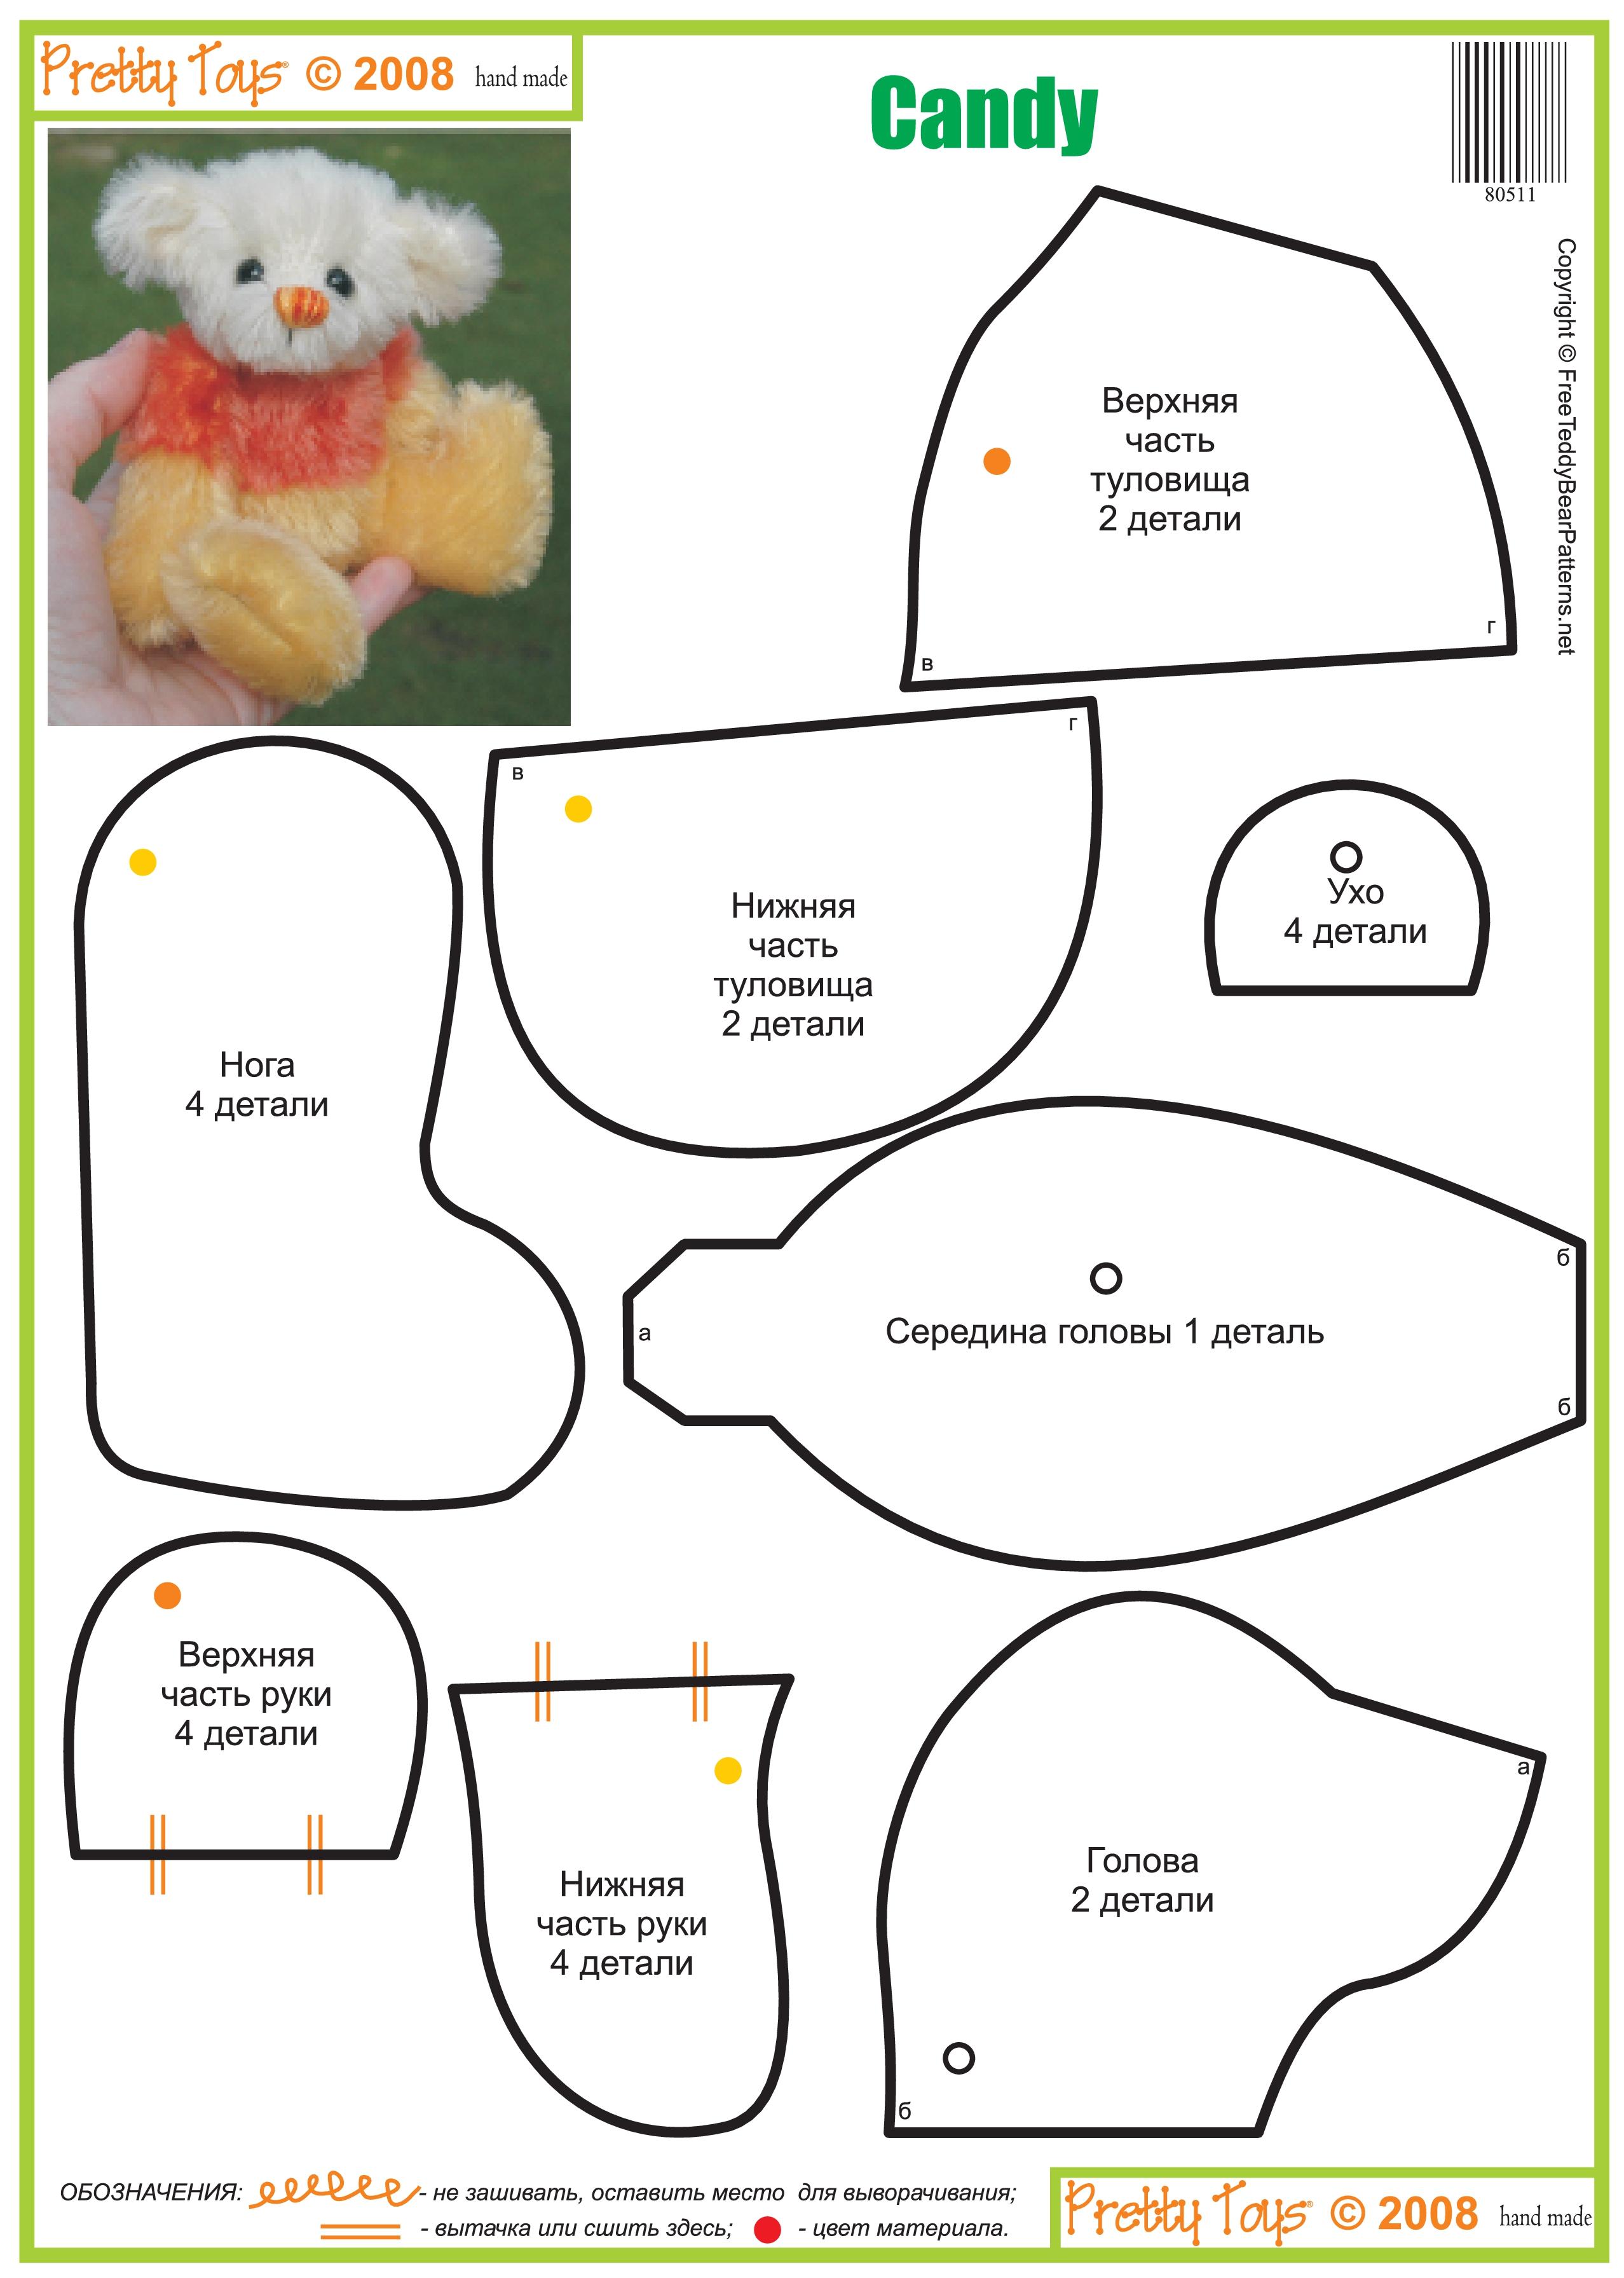 Как сделать выкройку медведя и сшить плюшевую и мягкую игрушку своими 10